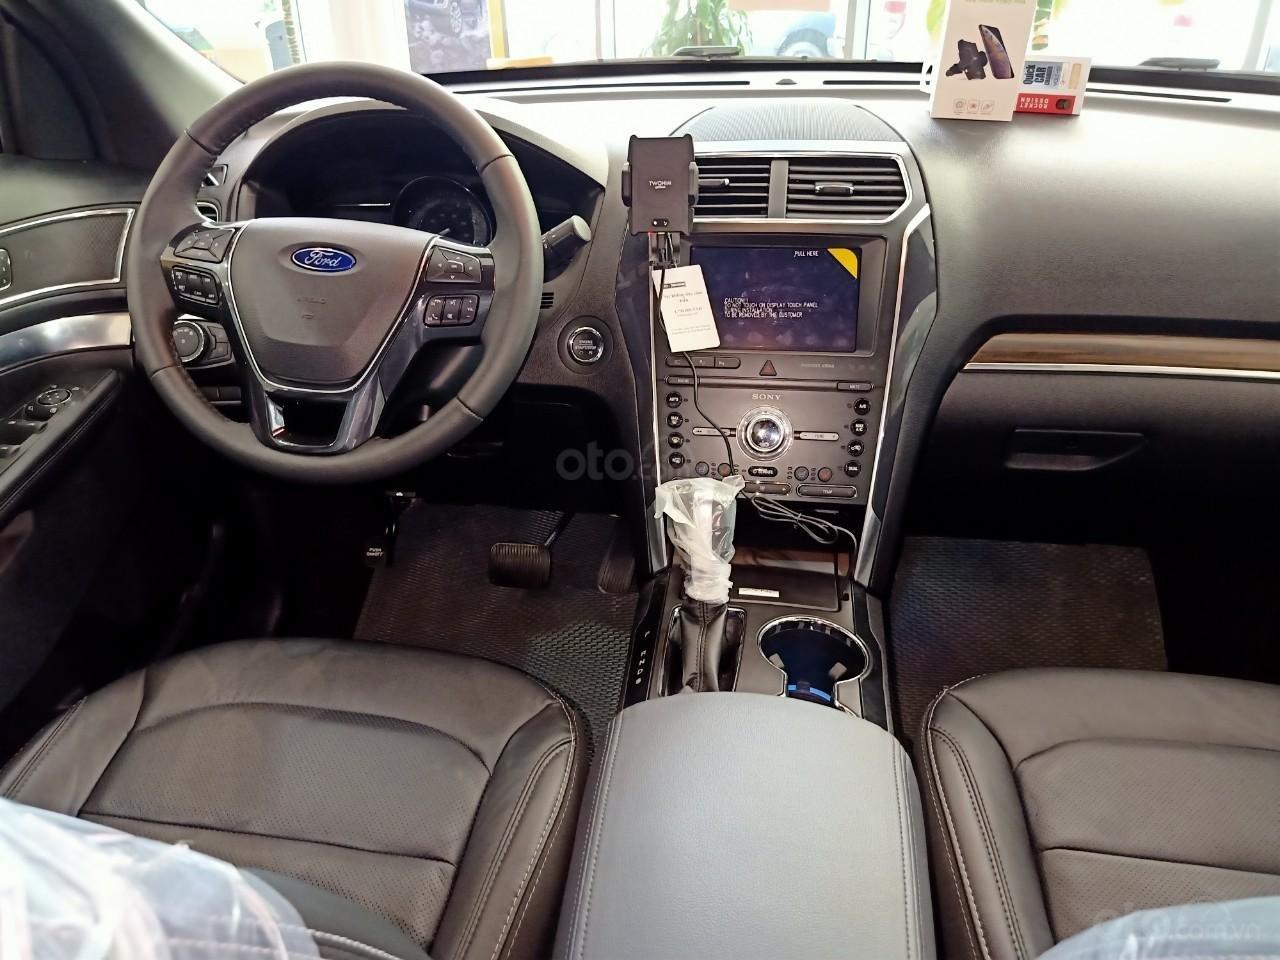 Giá xe Ford Explorer 2019, giá ưu đãi, nhiều quà tặng, giá trên chưa phải là giá cuối cùng, liên hệ: 090 701 7699 (5)